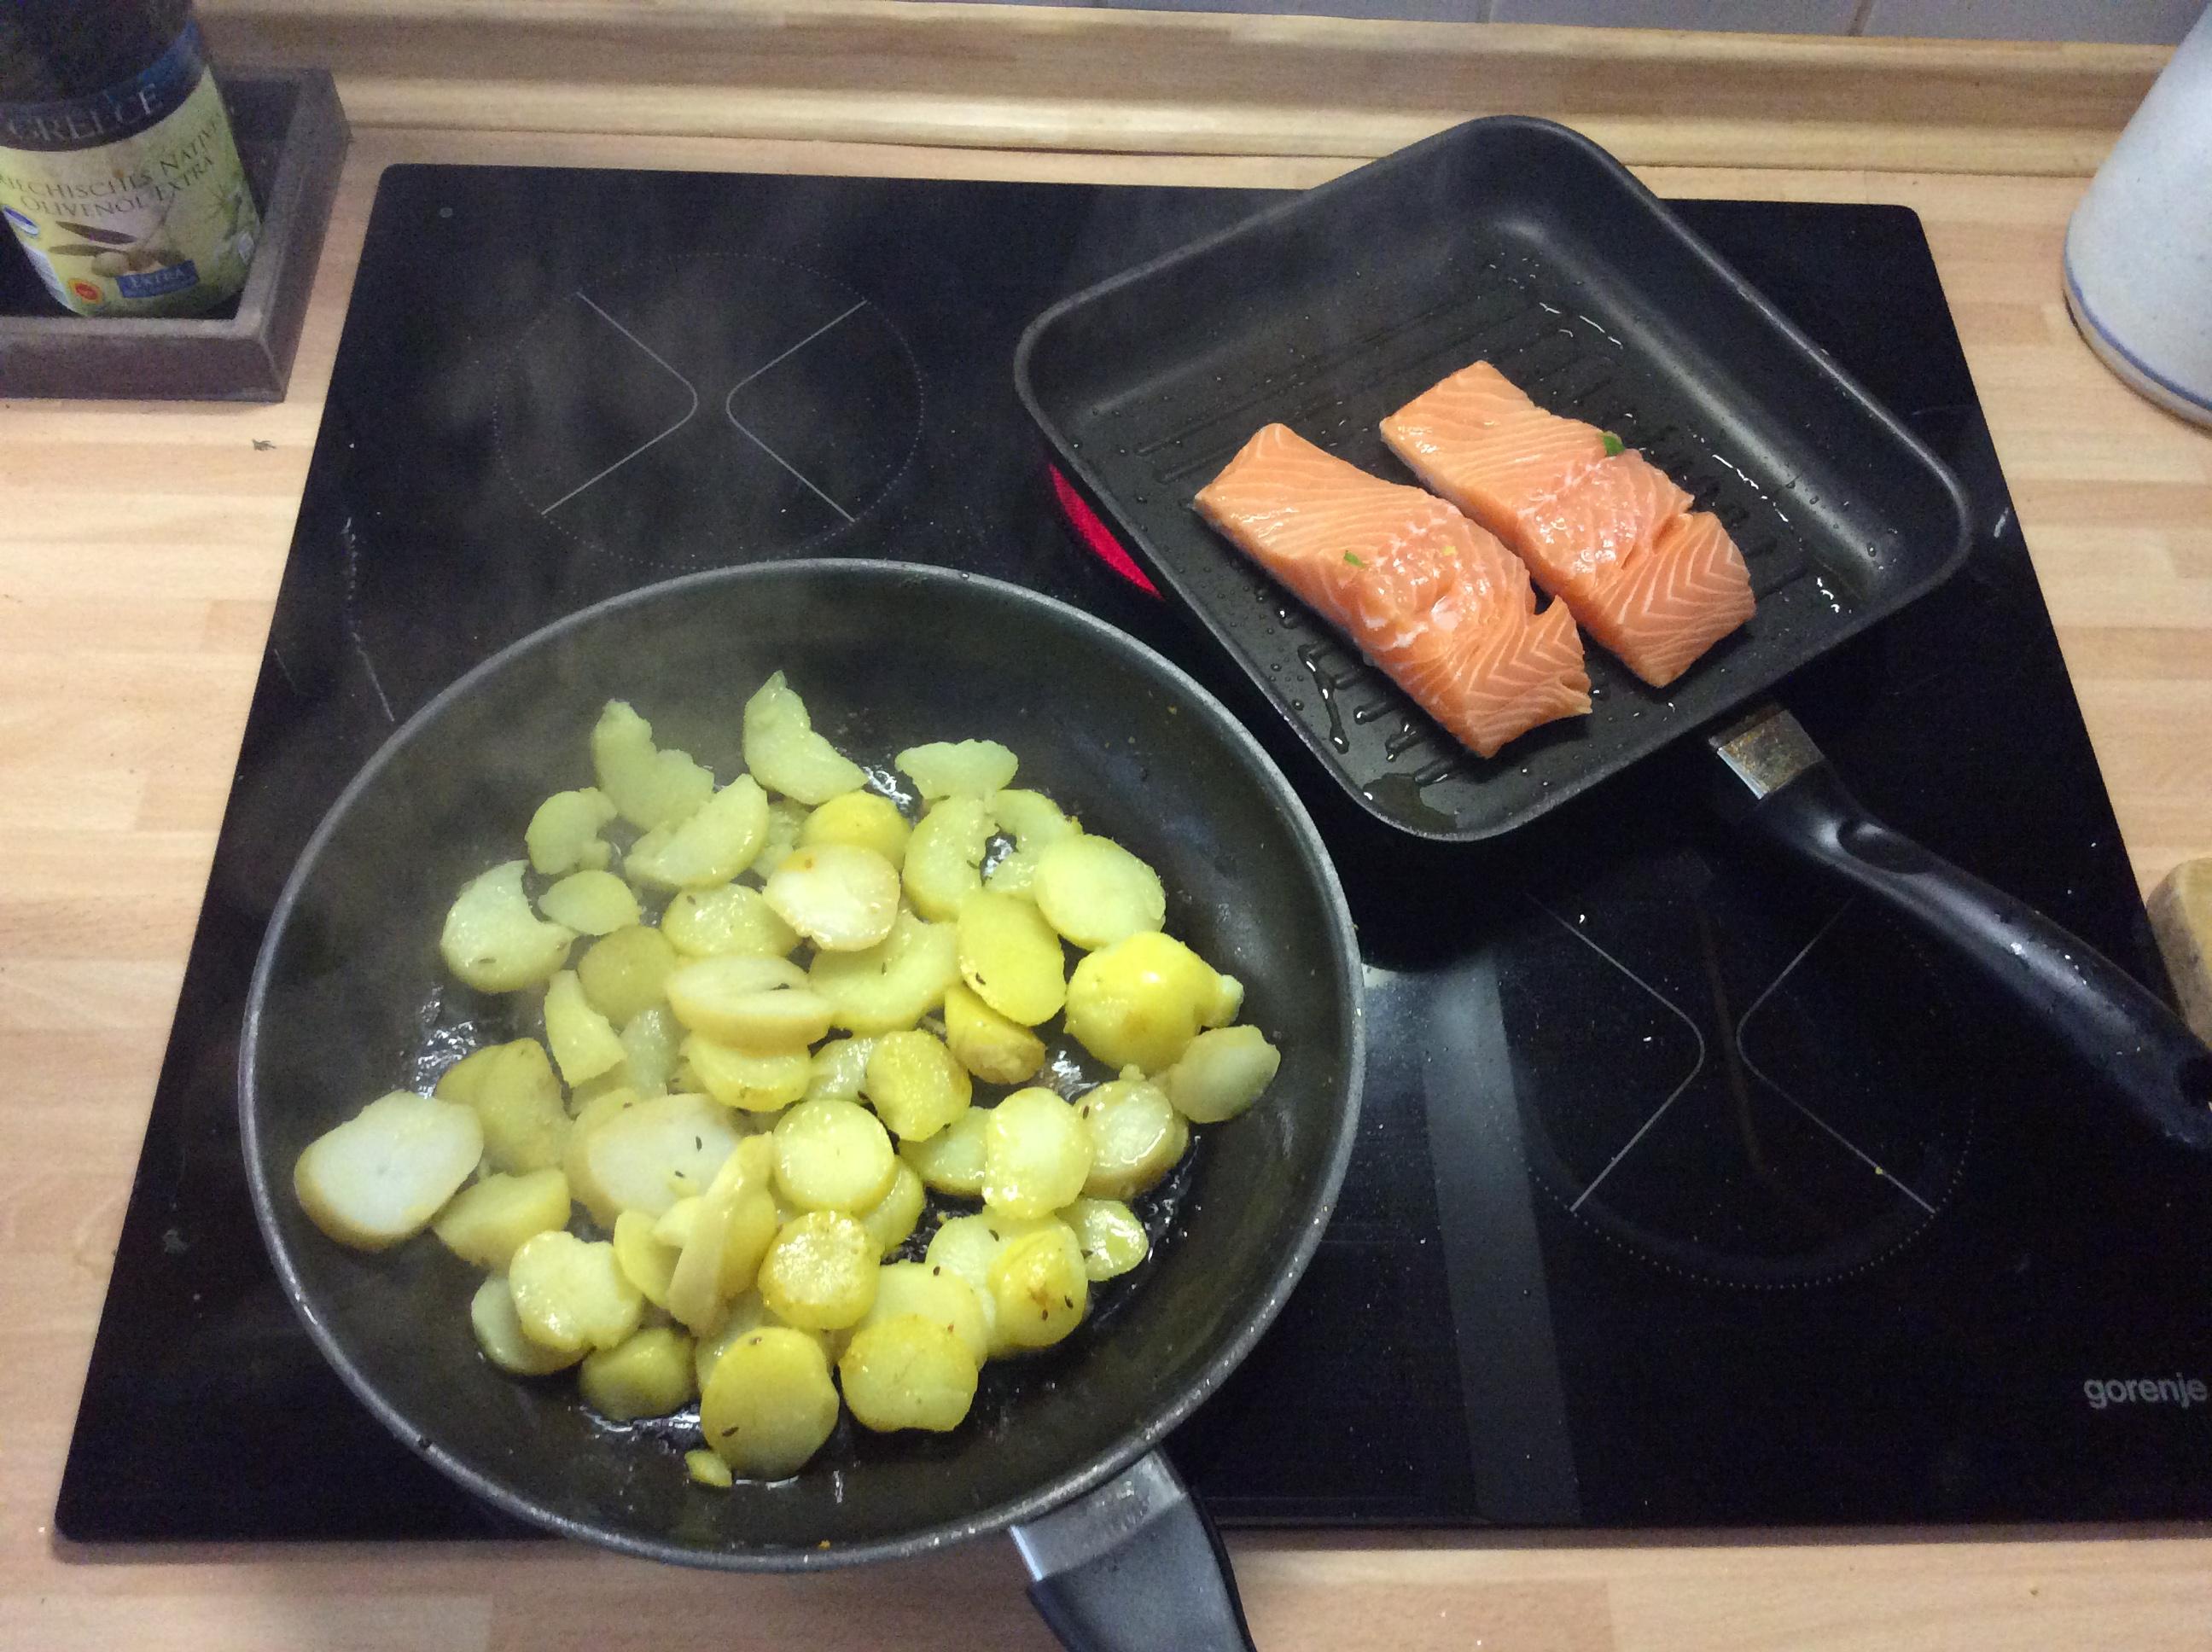 Lachs,Bratkartoffel,Salat. - 28.8.15   (4)